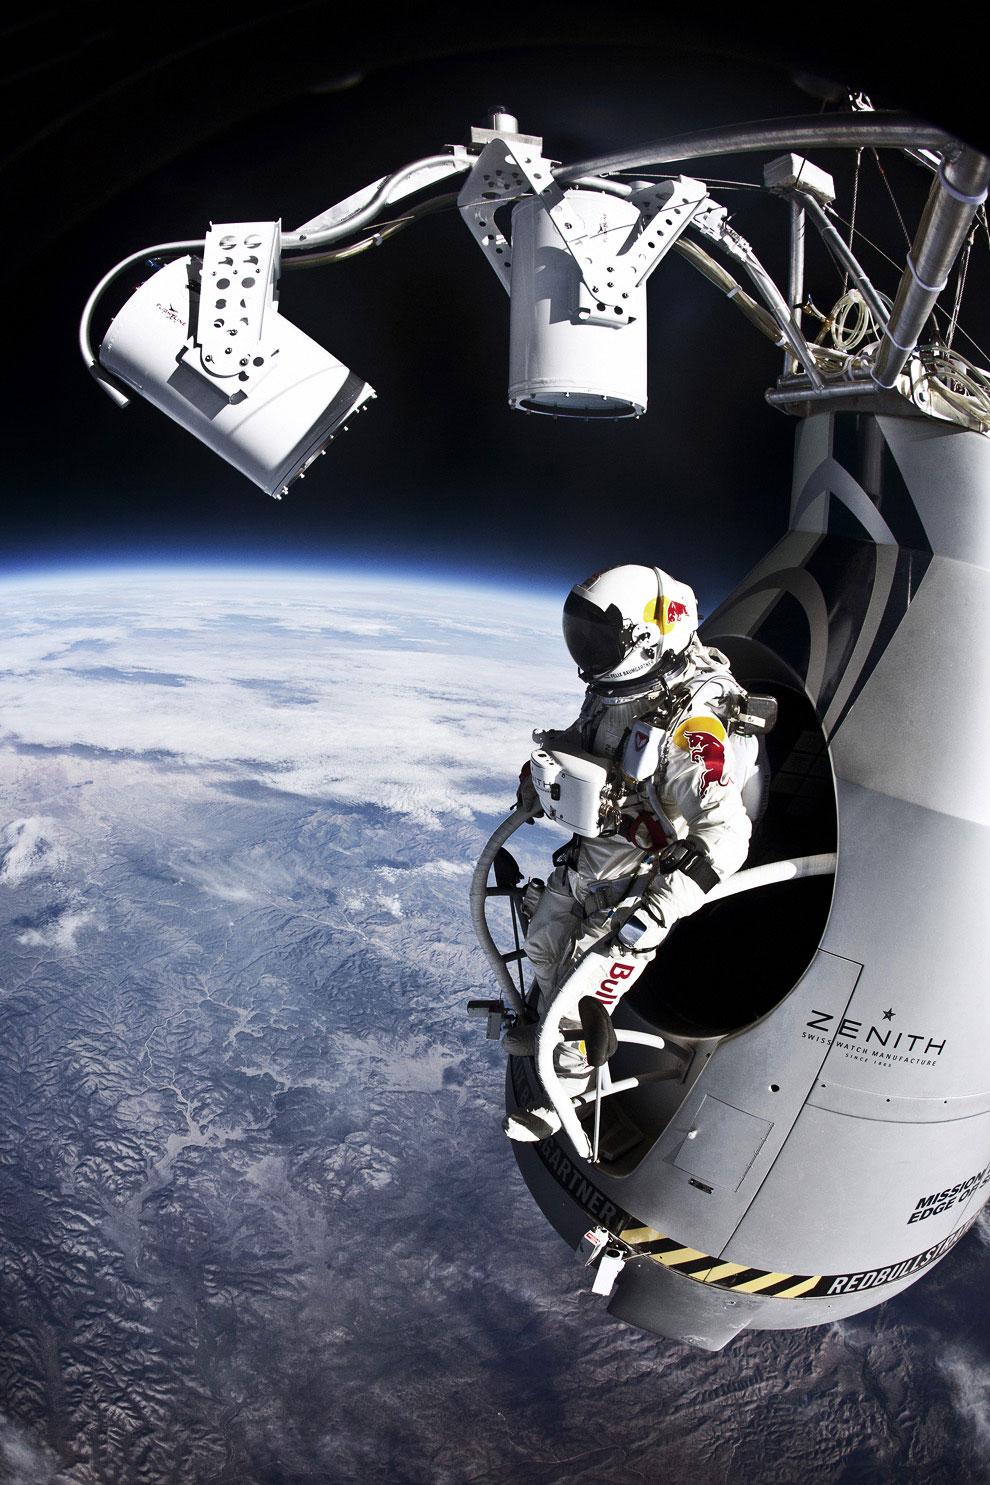 Полет Феликса Баумгартнер: самый высокий прыжок в истории